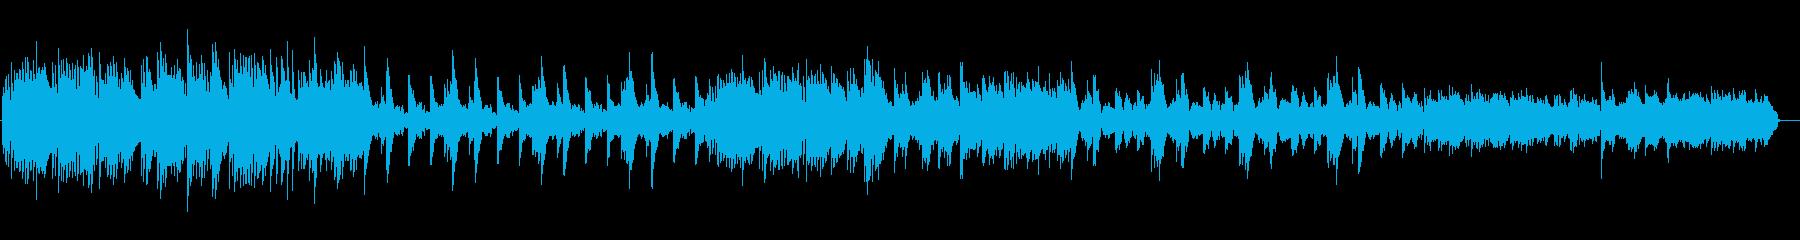 ピアノバラードの再生済みの波形